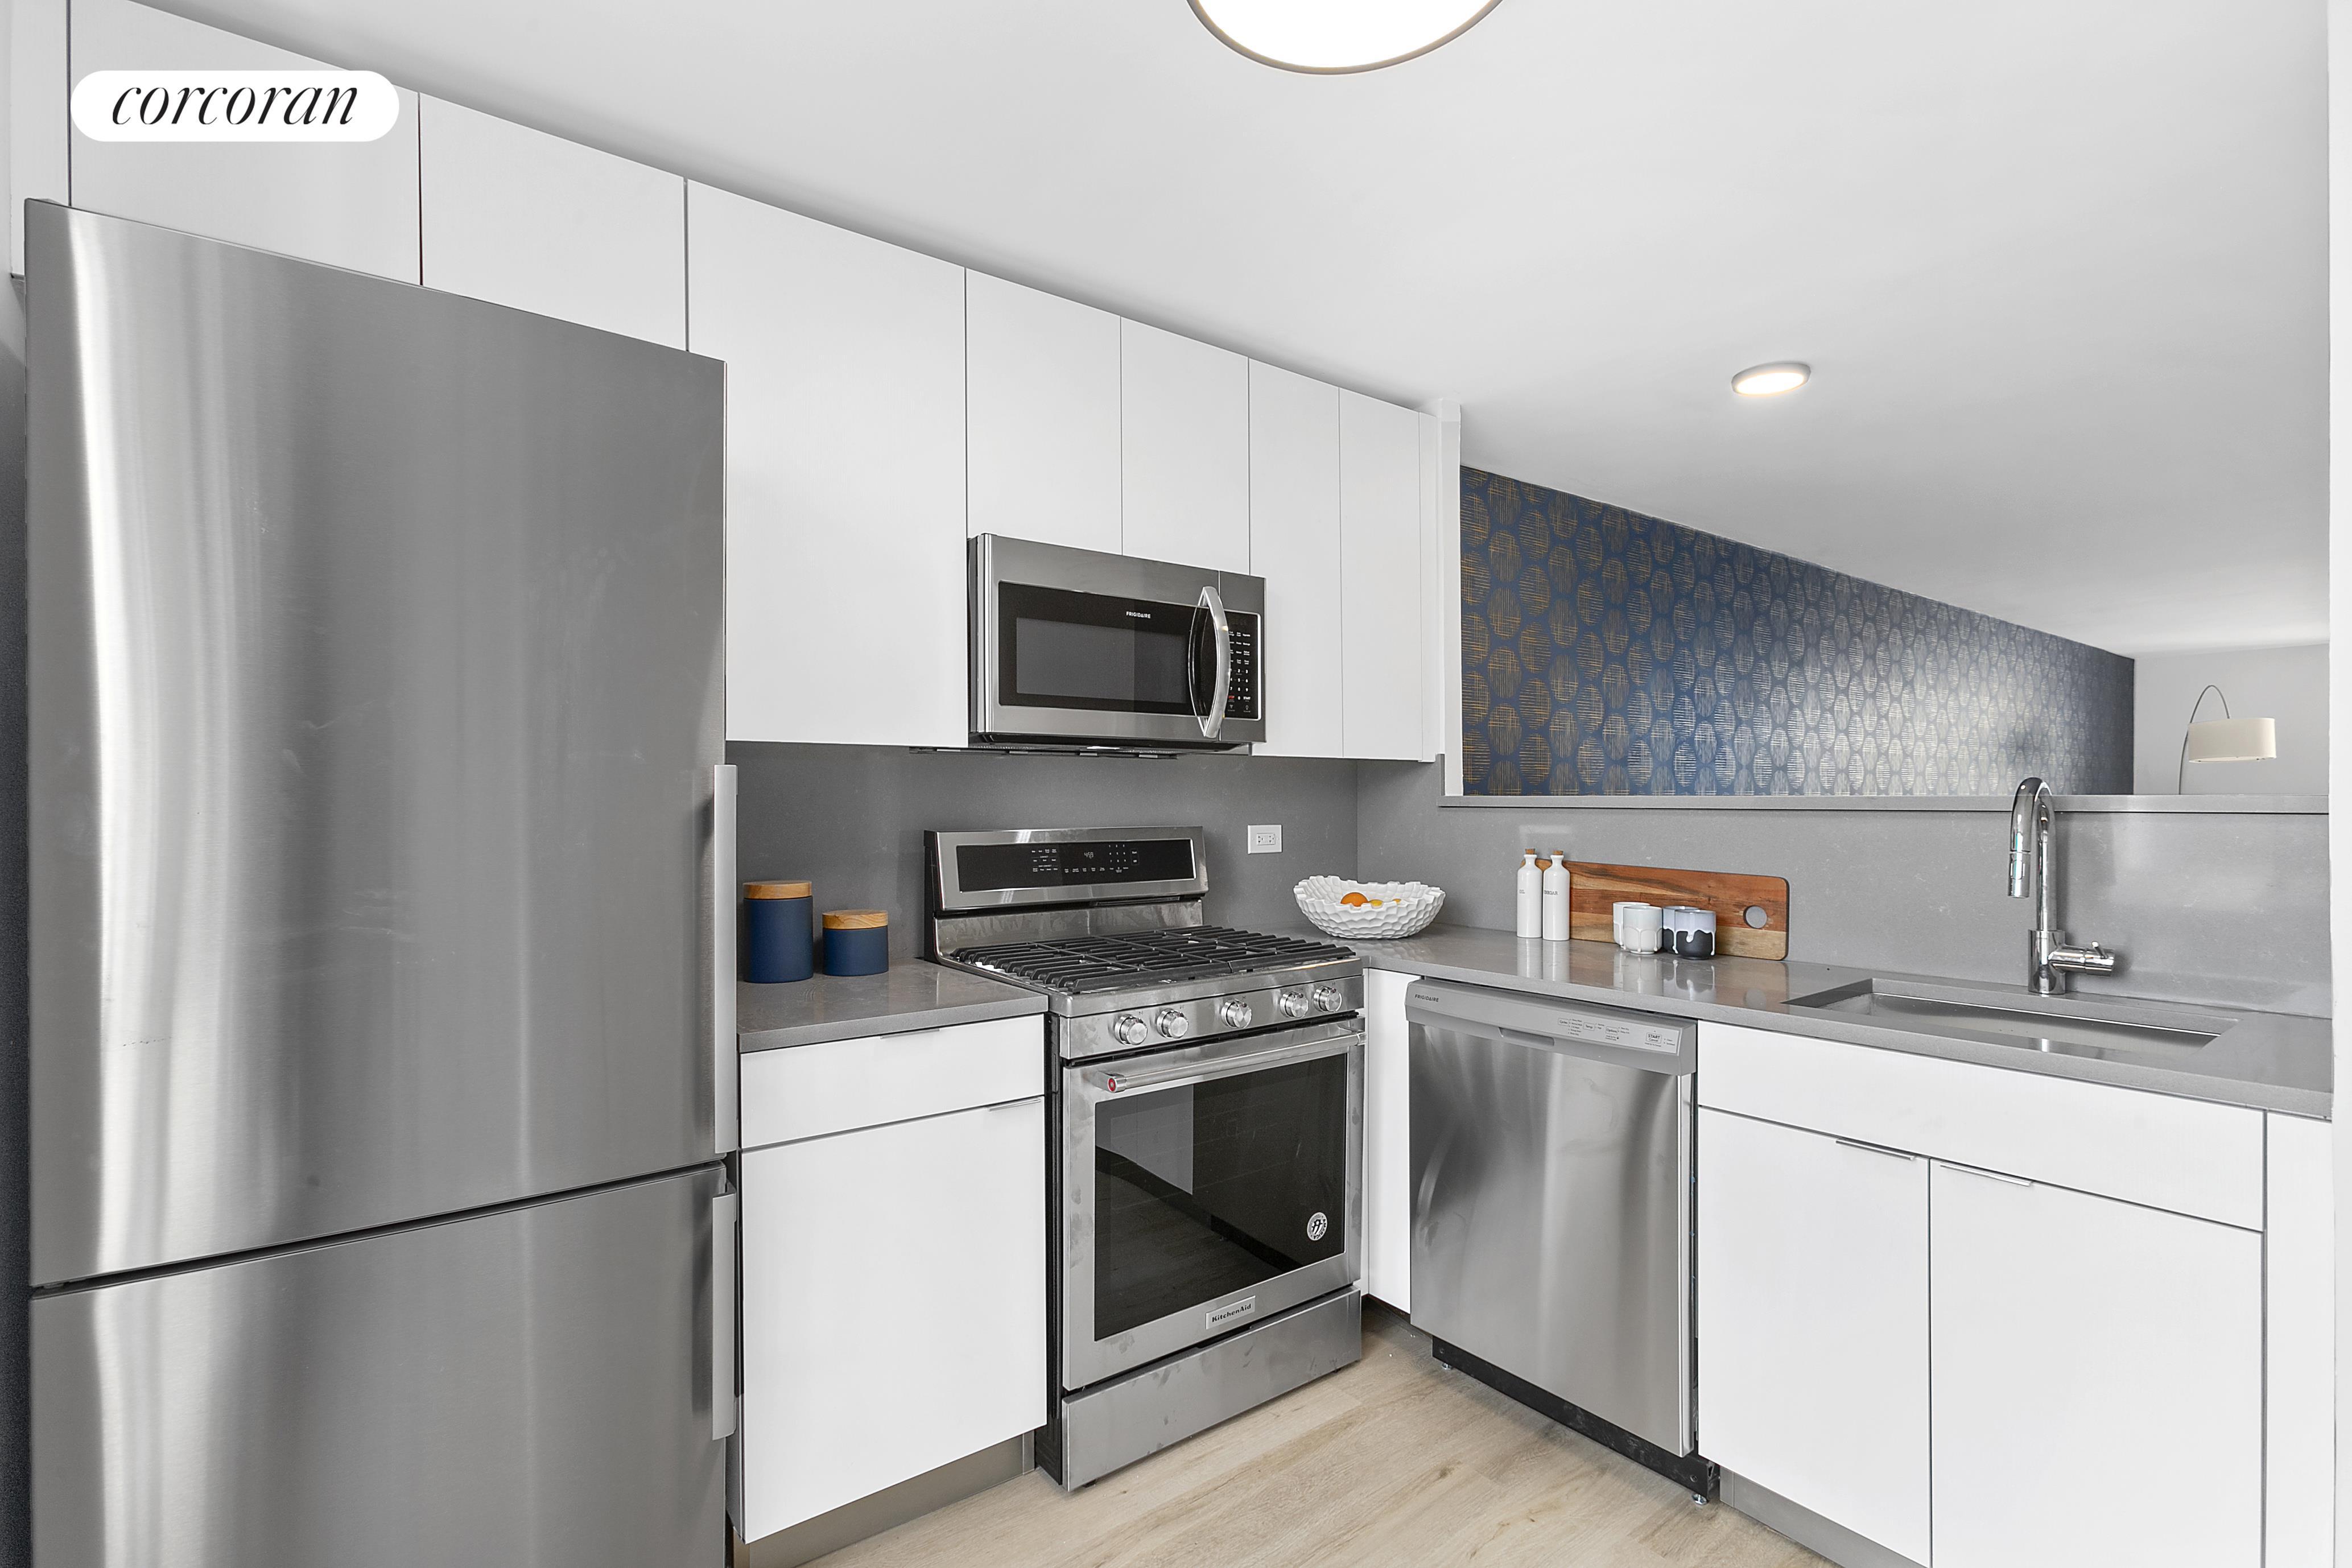 540 Main Street Roosevelt Island New York NY 10044